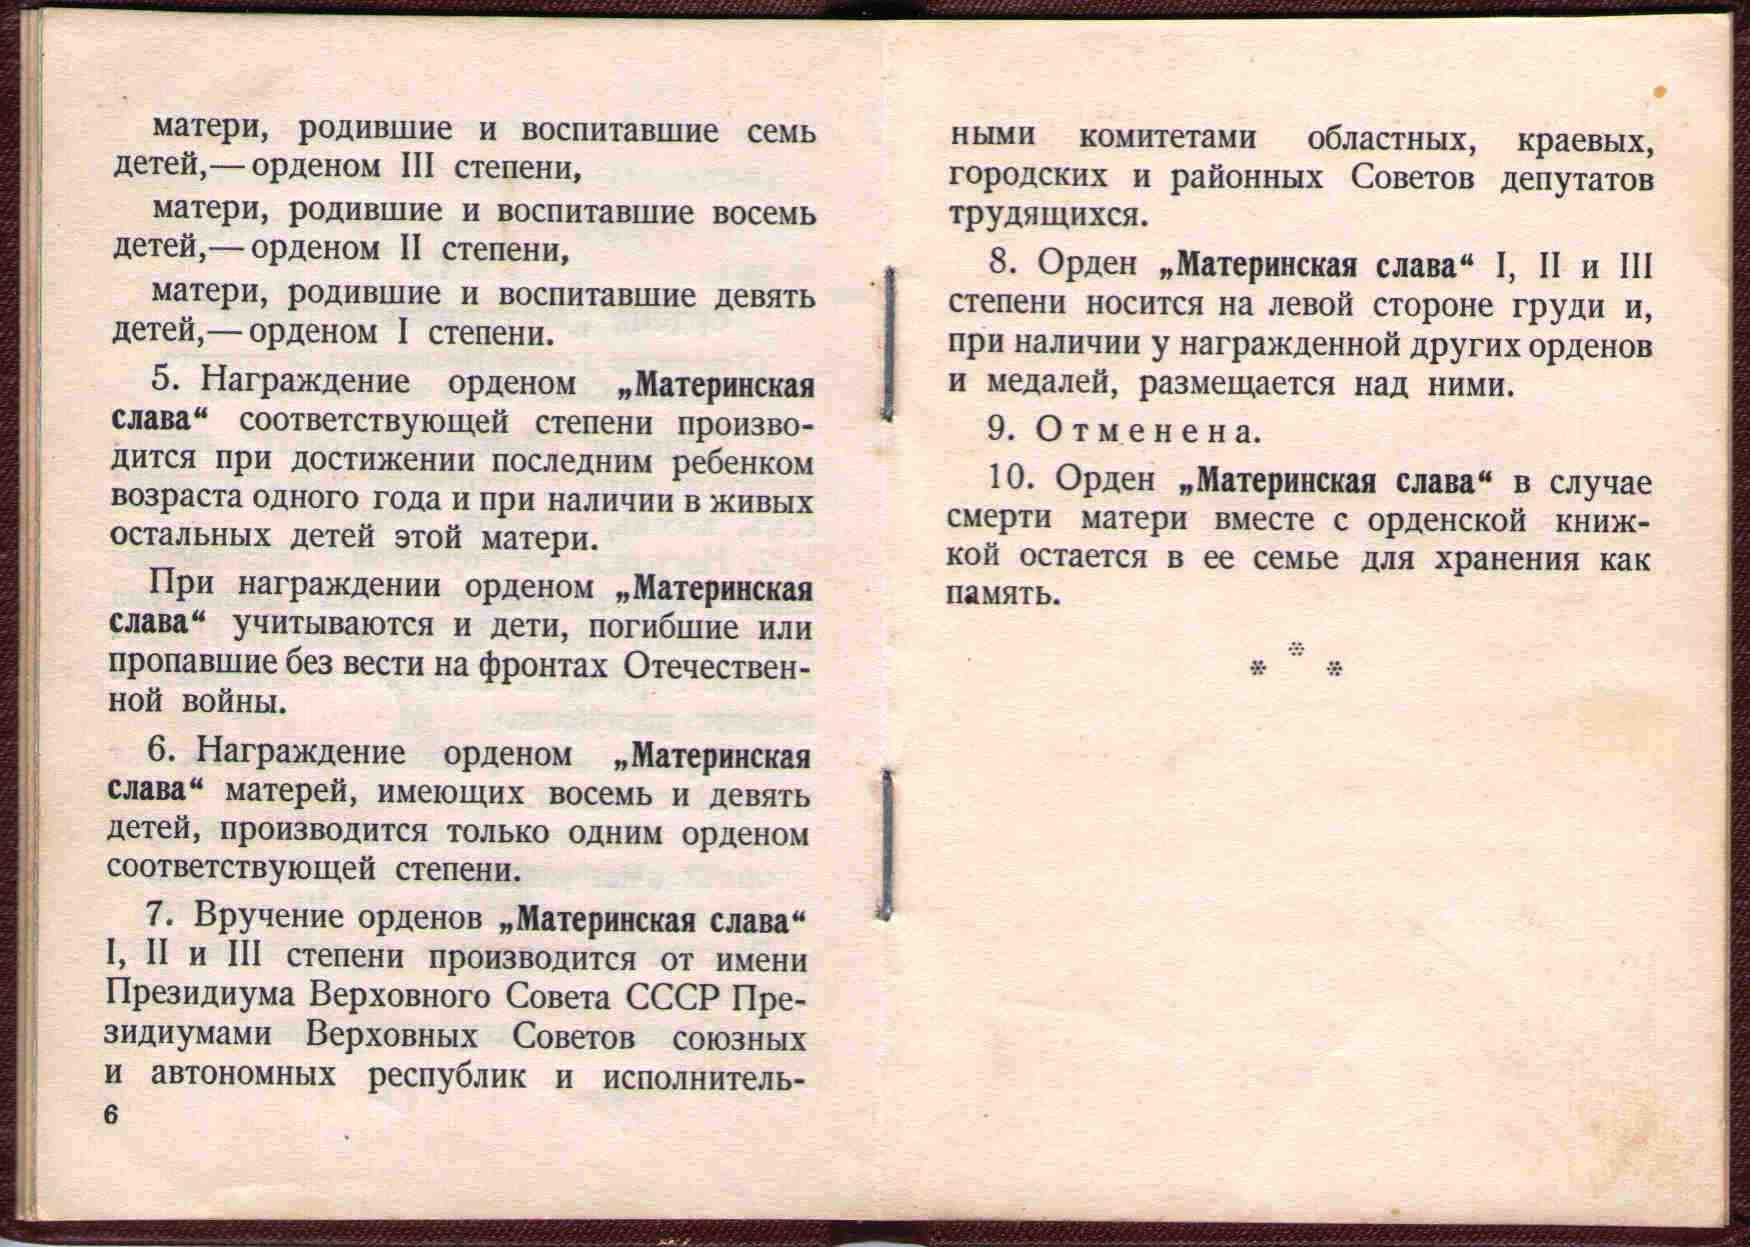 50. Орденская книжка 1 степени, 1965